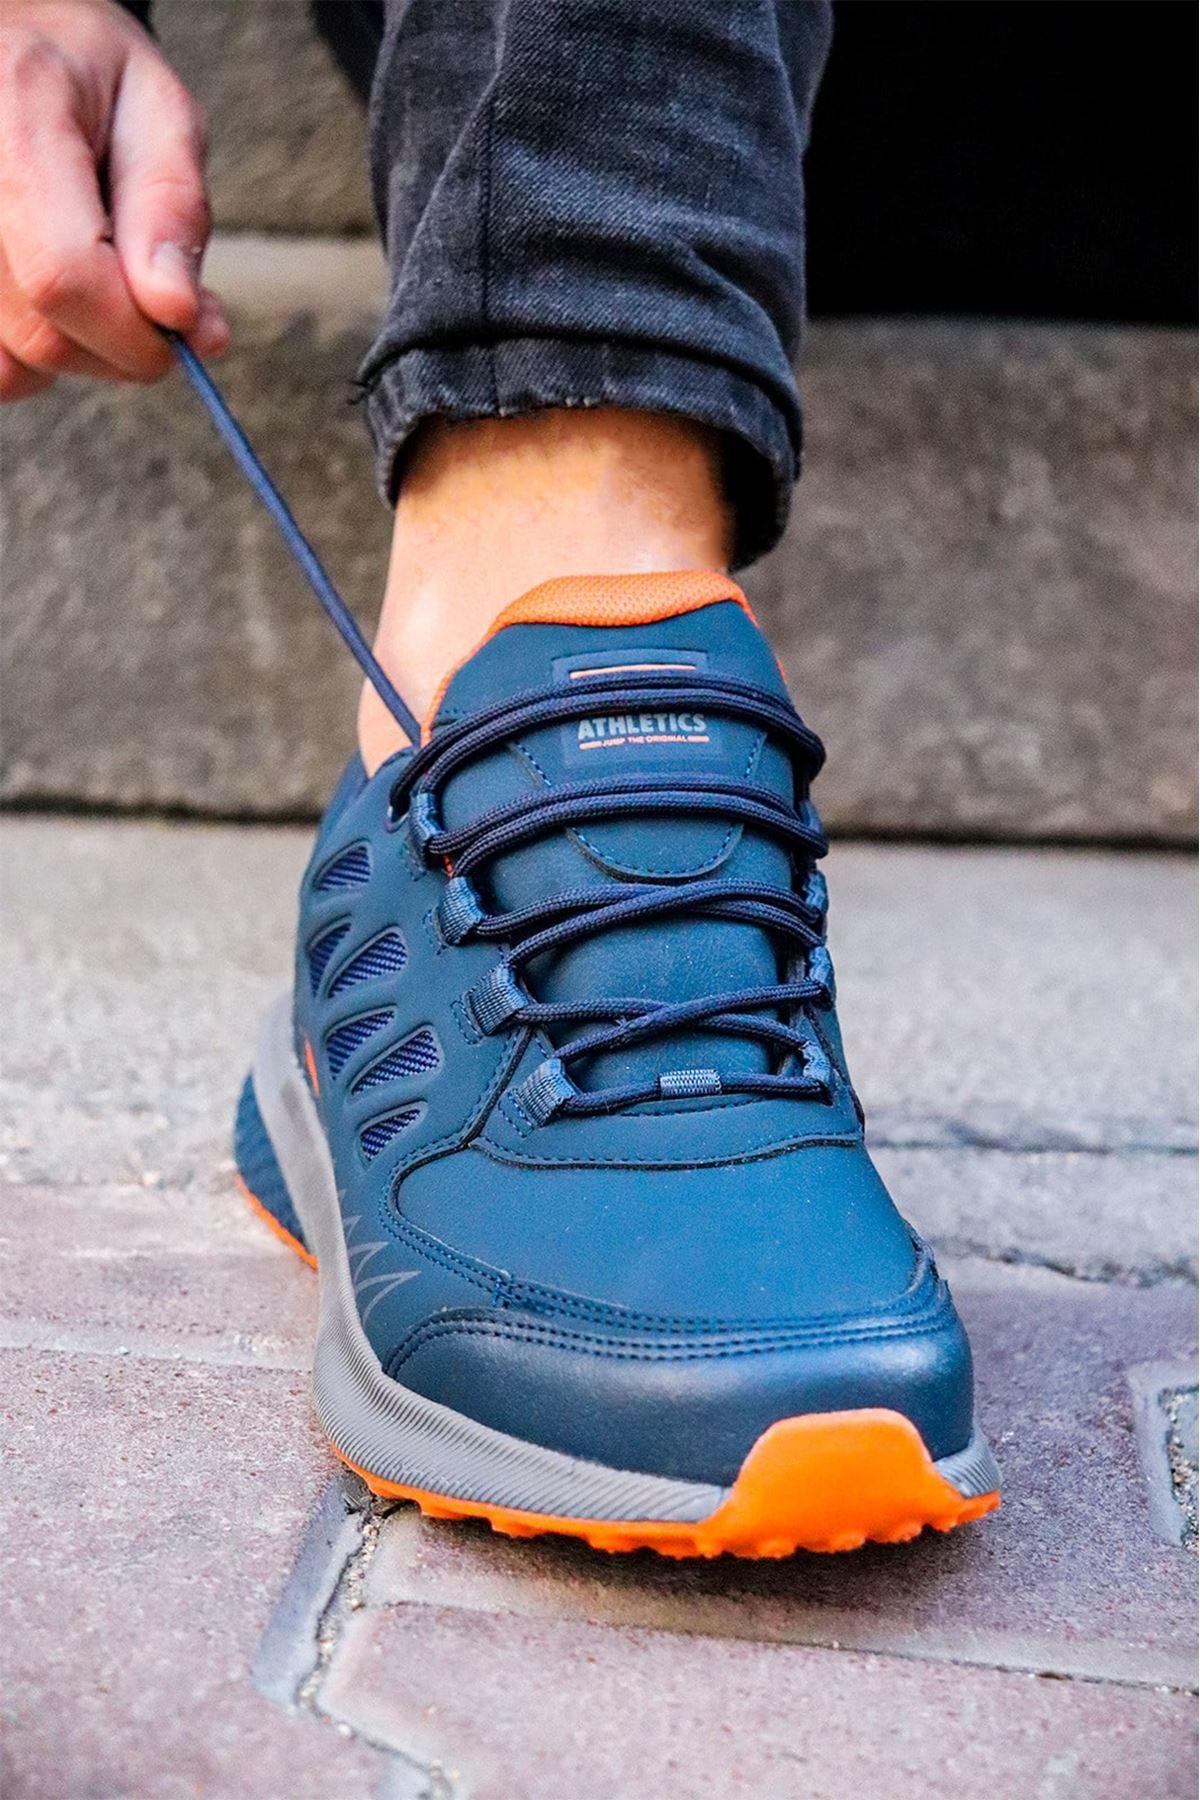 Jump - 25715 Turuncu Lacivert Erkek Spor Ayakkabısı